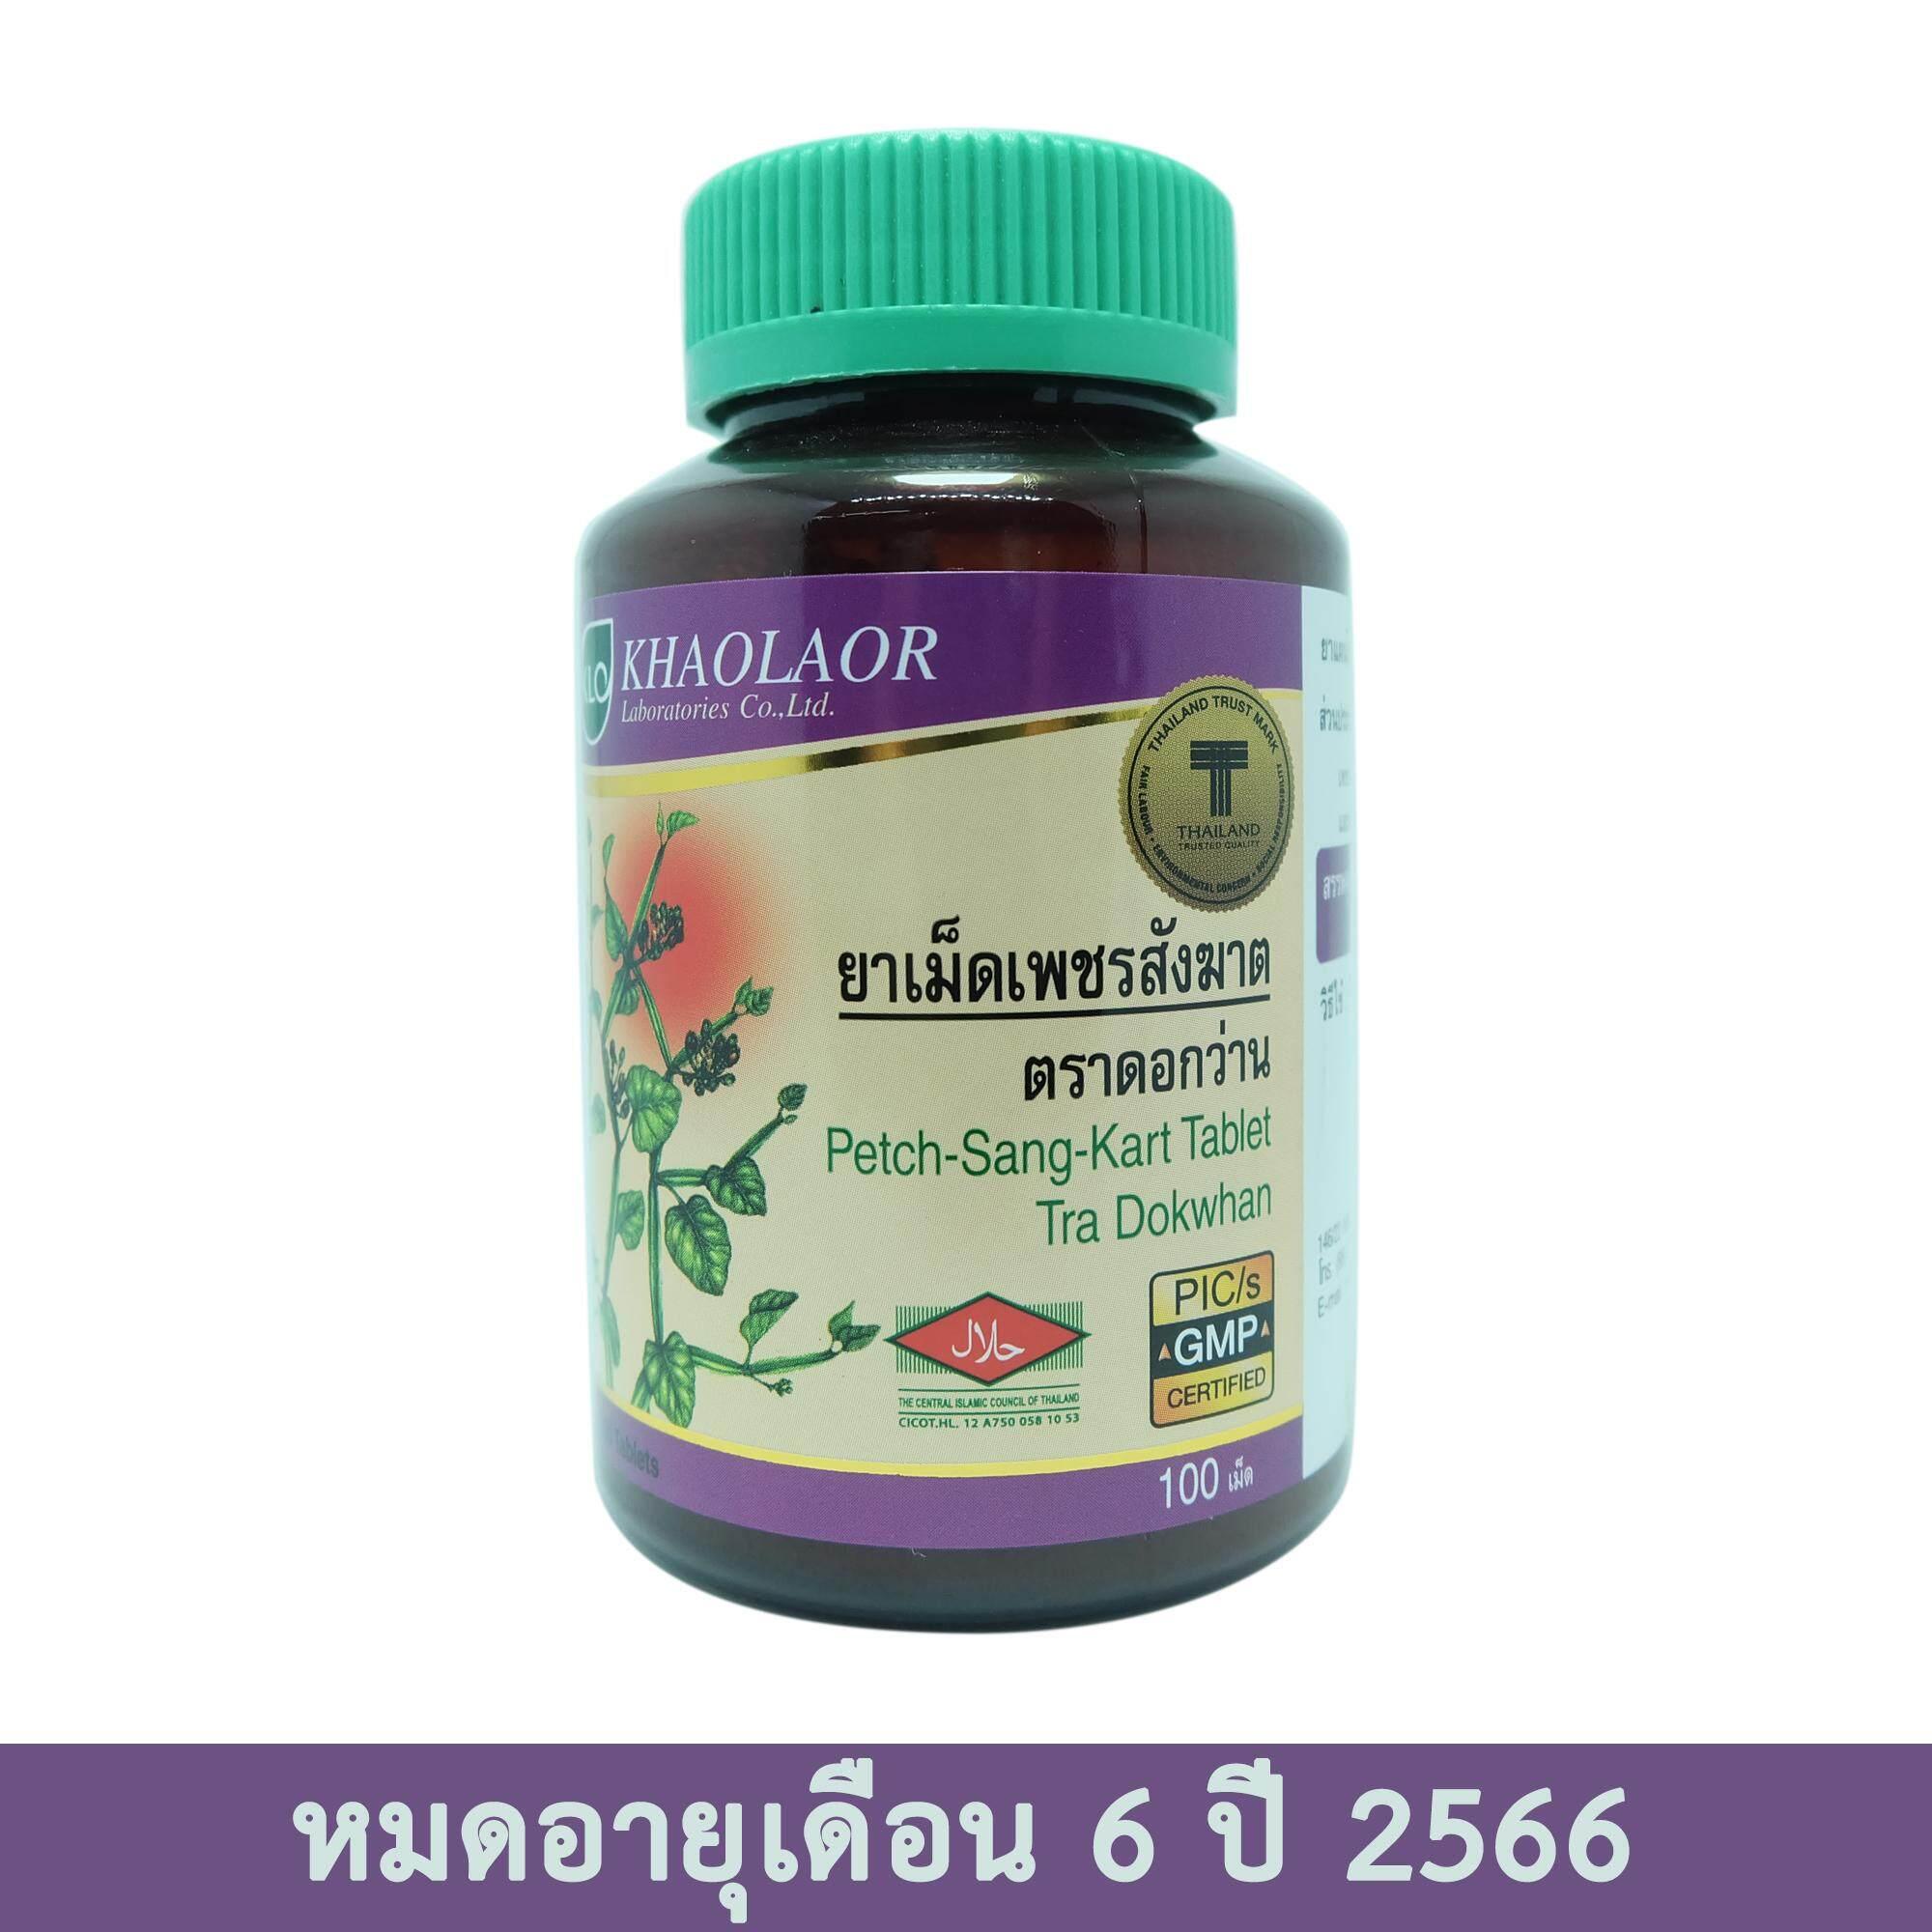 Khaolaor เพชรสังฆาต บรรเทาริดสีดวงทวาร 100 เม็ด By Vitamins-Pharmacy.